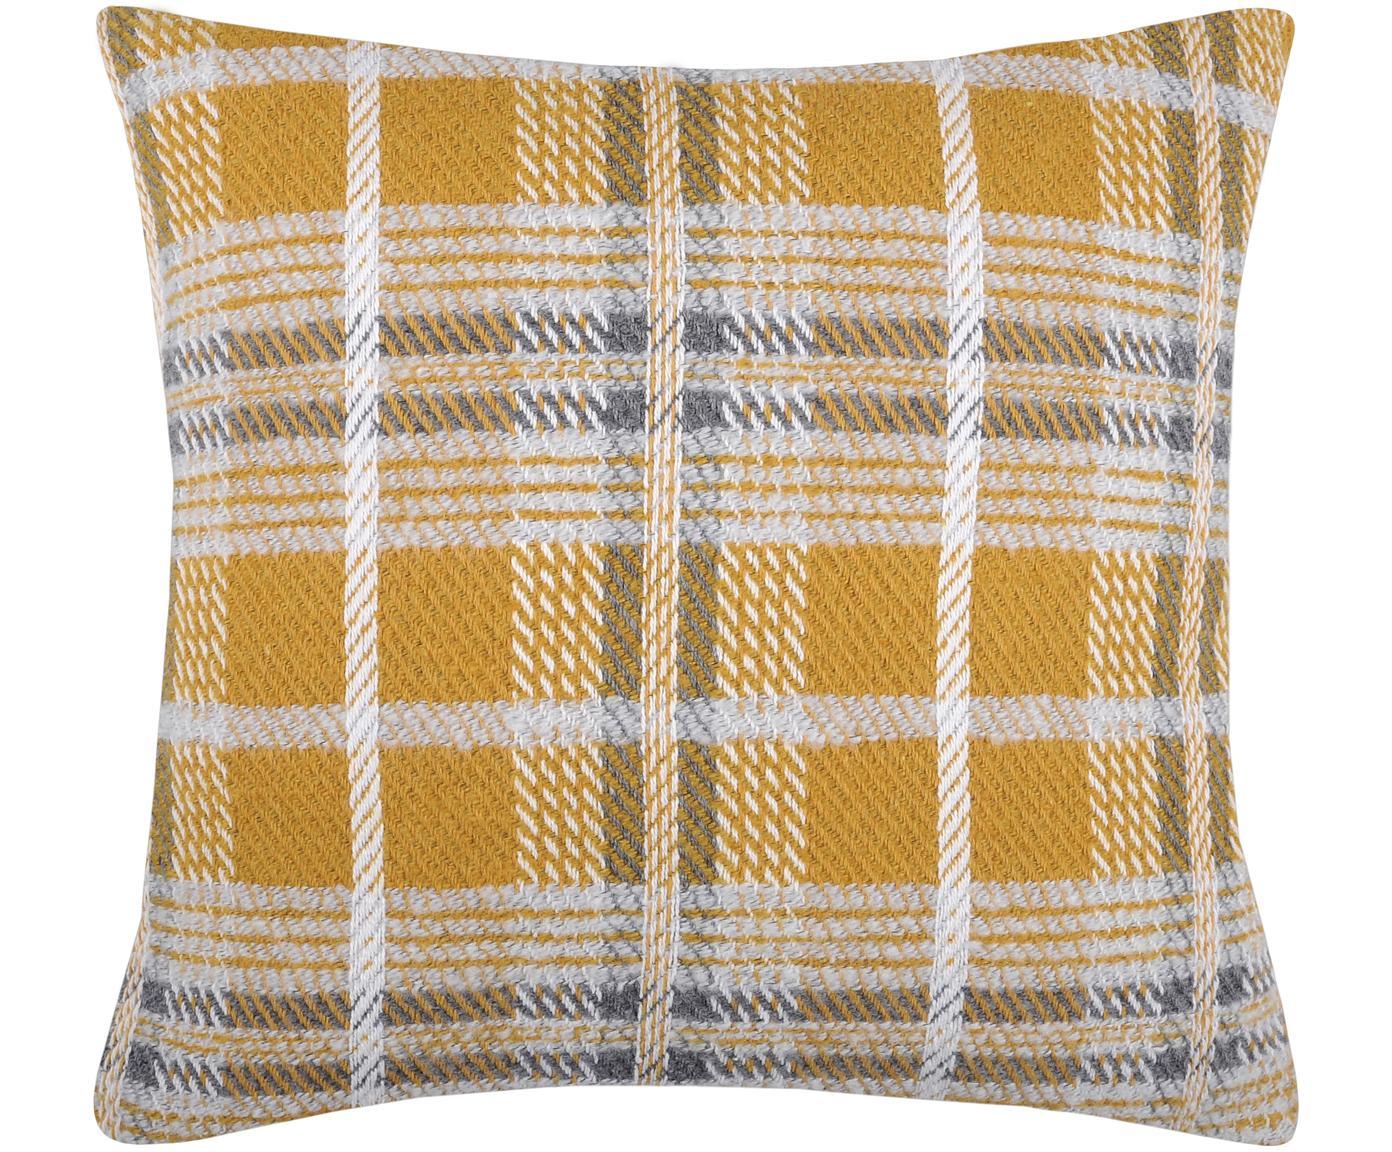 Kussen Arnold met ruitpatroon in mosterdgeel, met vulling, Polyester, Mosterdgeel, wit, grijs, 45 x 45 cm